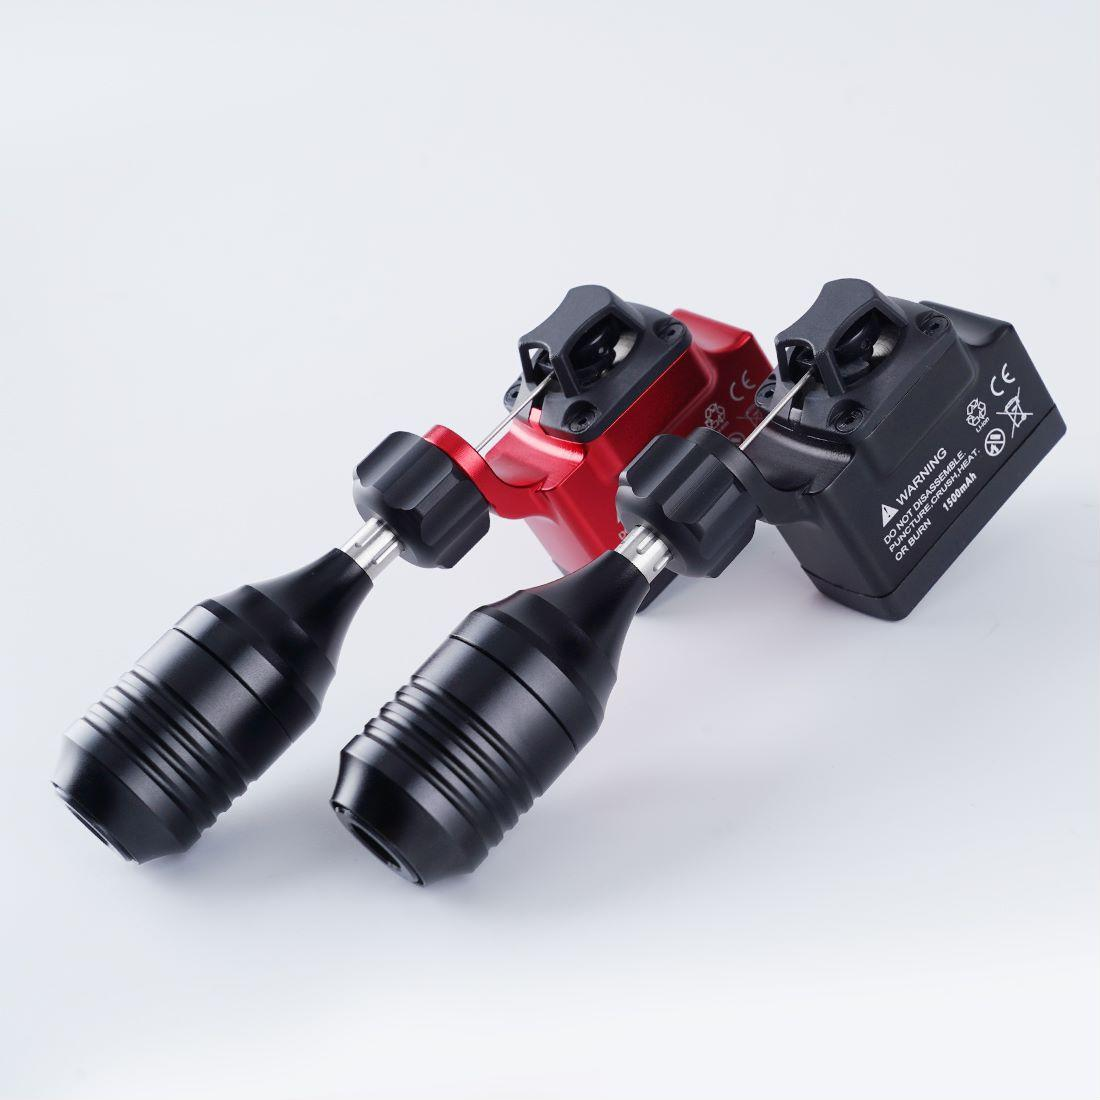 Dragonhawk المتطرفة اللاسلكية آلة الوشم المدمج في بطارية الروتاري موتور بندقية للجسم الوشم ماكياج دائم WQP-011